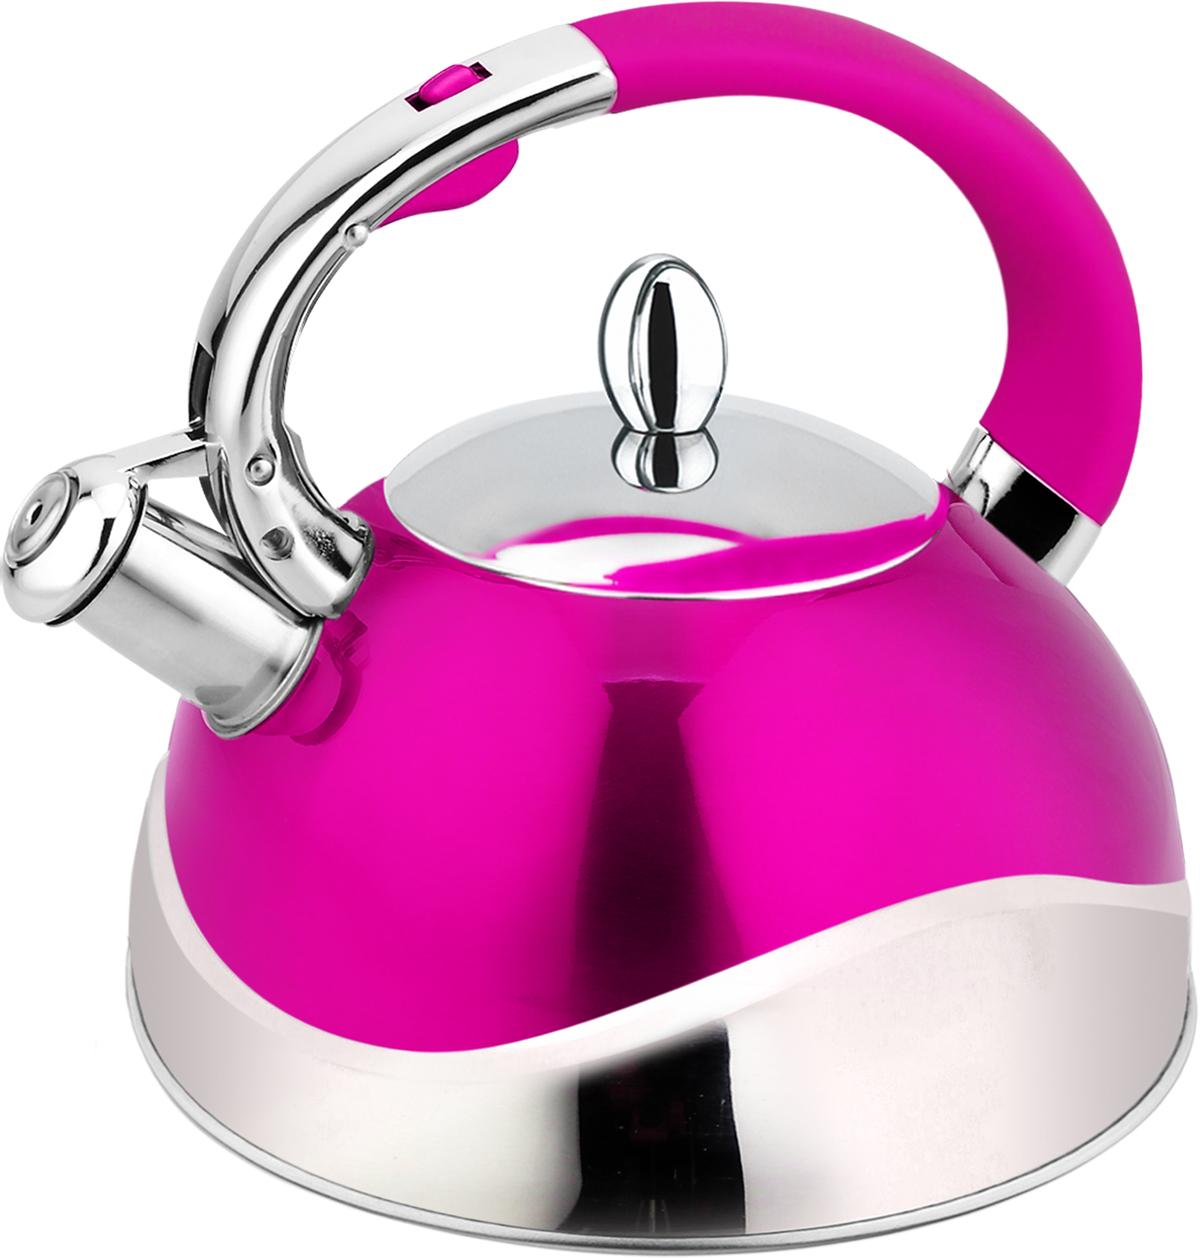 """Чайник """"Mercury"""" изготовлен из высококачественной нержавеющей стали 18/10. Нержавеющая сталь обладает высокой устойчивостью к коррозии, не вступает в реакцию с холодными и горячими продуктами и полностью сохраняет их вкусовые качества.Чайник оснащен эргономичной ручкой с покрытием Soft Touch. Носик чайника имеет откидной свисток, звуковой сигнал которого подскажет, когда закипит вода. Крышка носика открывается с помощью специальной клавиши.Энергосберегающее капсульное дно.Благодаря чайнику """"Mercury"""" вы будете постоянно ощущать тепло и уют на вашей кухне.Подходит для всех типов плит, включая индукцию."""